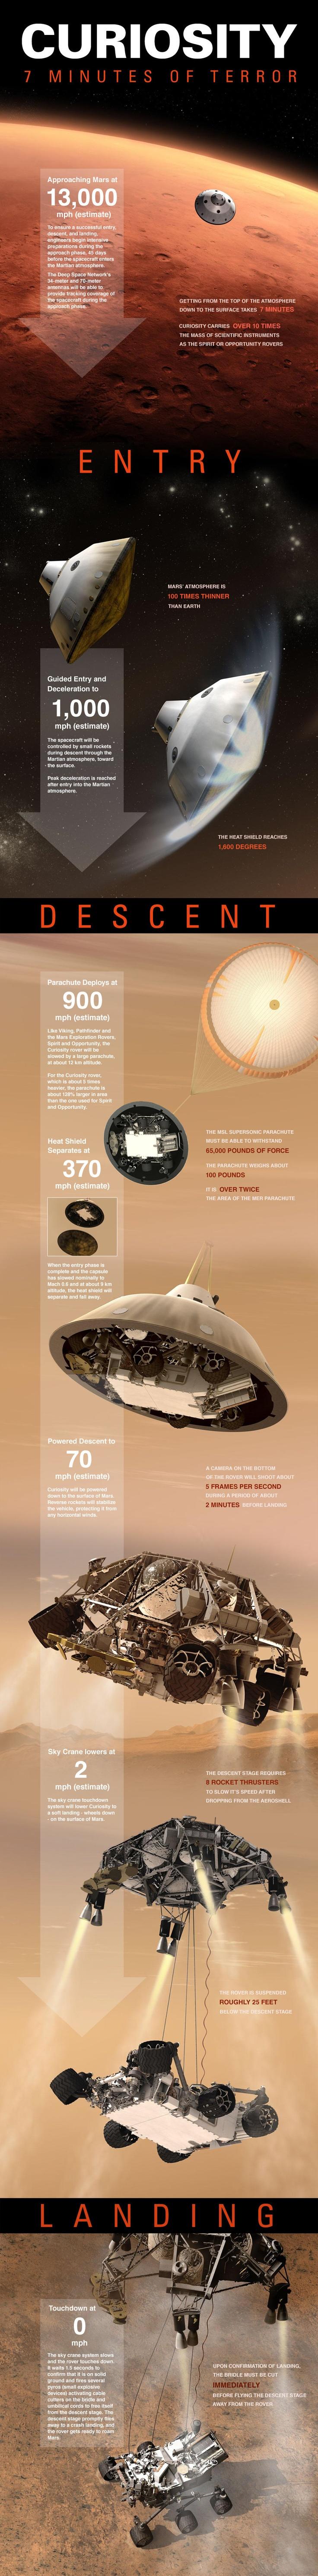 火星探査機「キュリオシティ」の恐怖の7分間: Curio Rovers, Curiosities Rovers, Curio Land, Mars Exploring, Curio Mars, Terror Infographic, Jets Propul, Nasa Jets, Outer Spaces